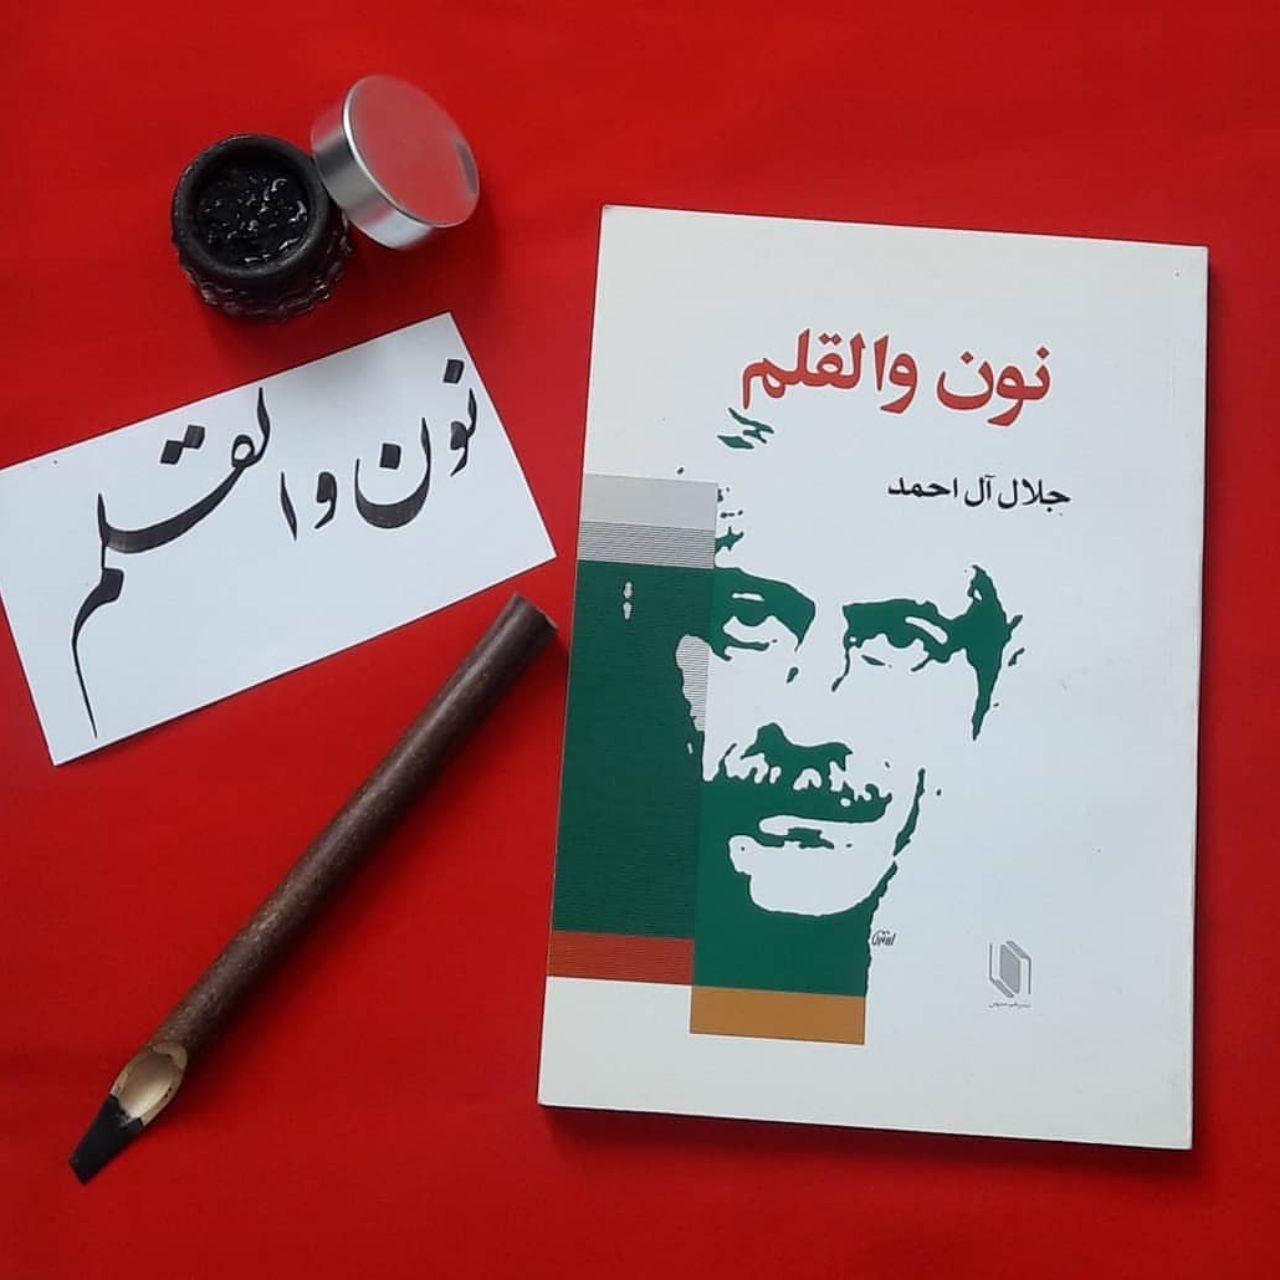 کتاب نون والقلم جلال آل احمد